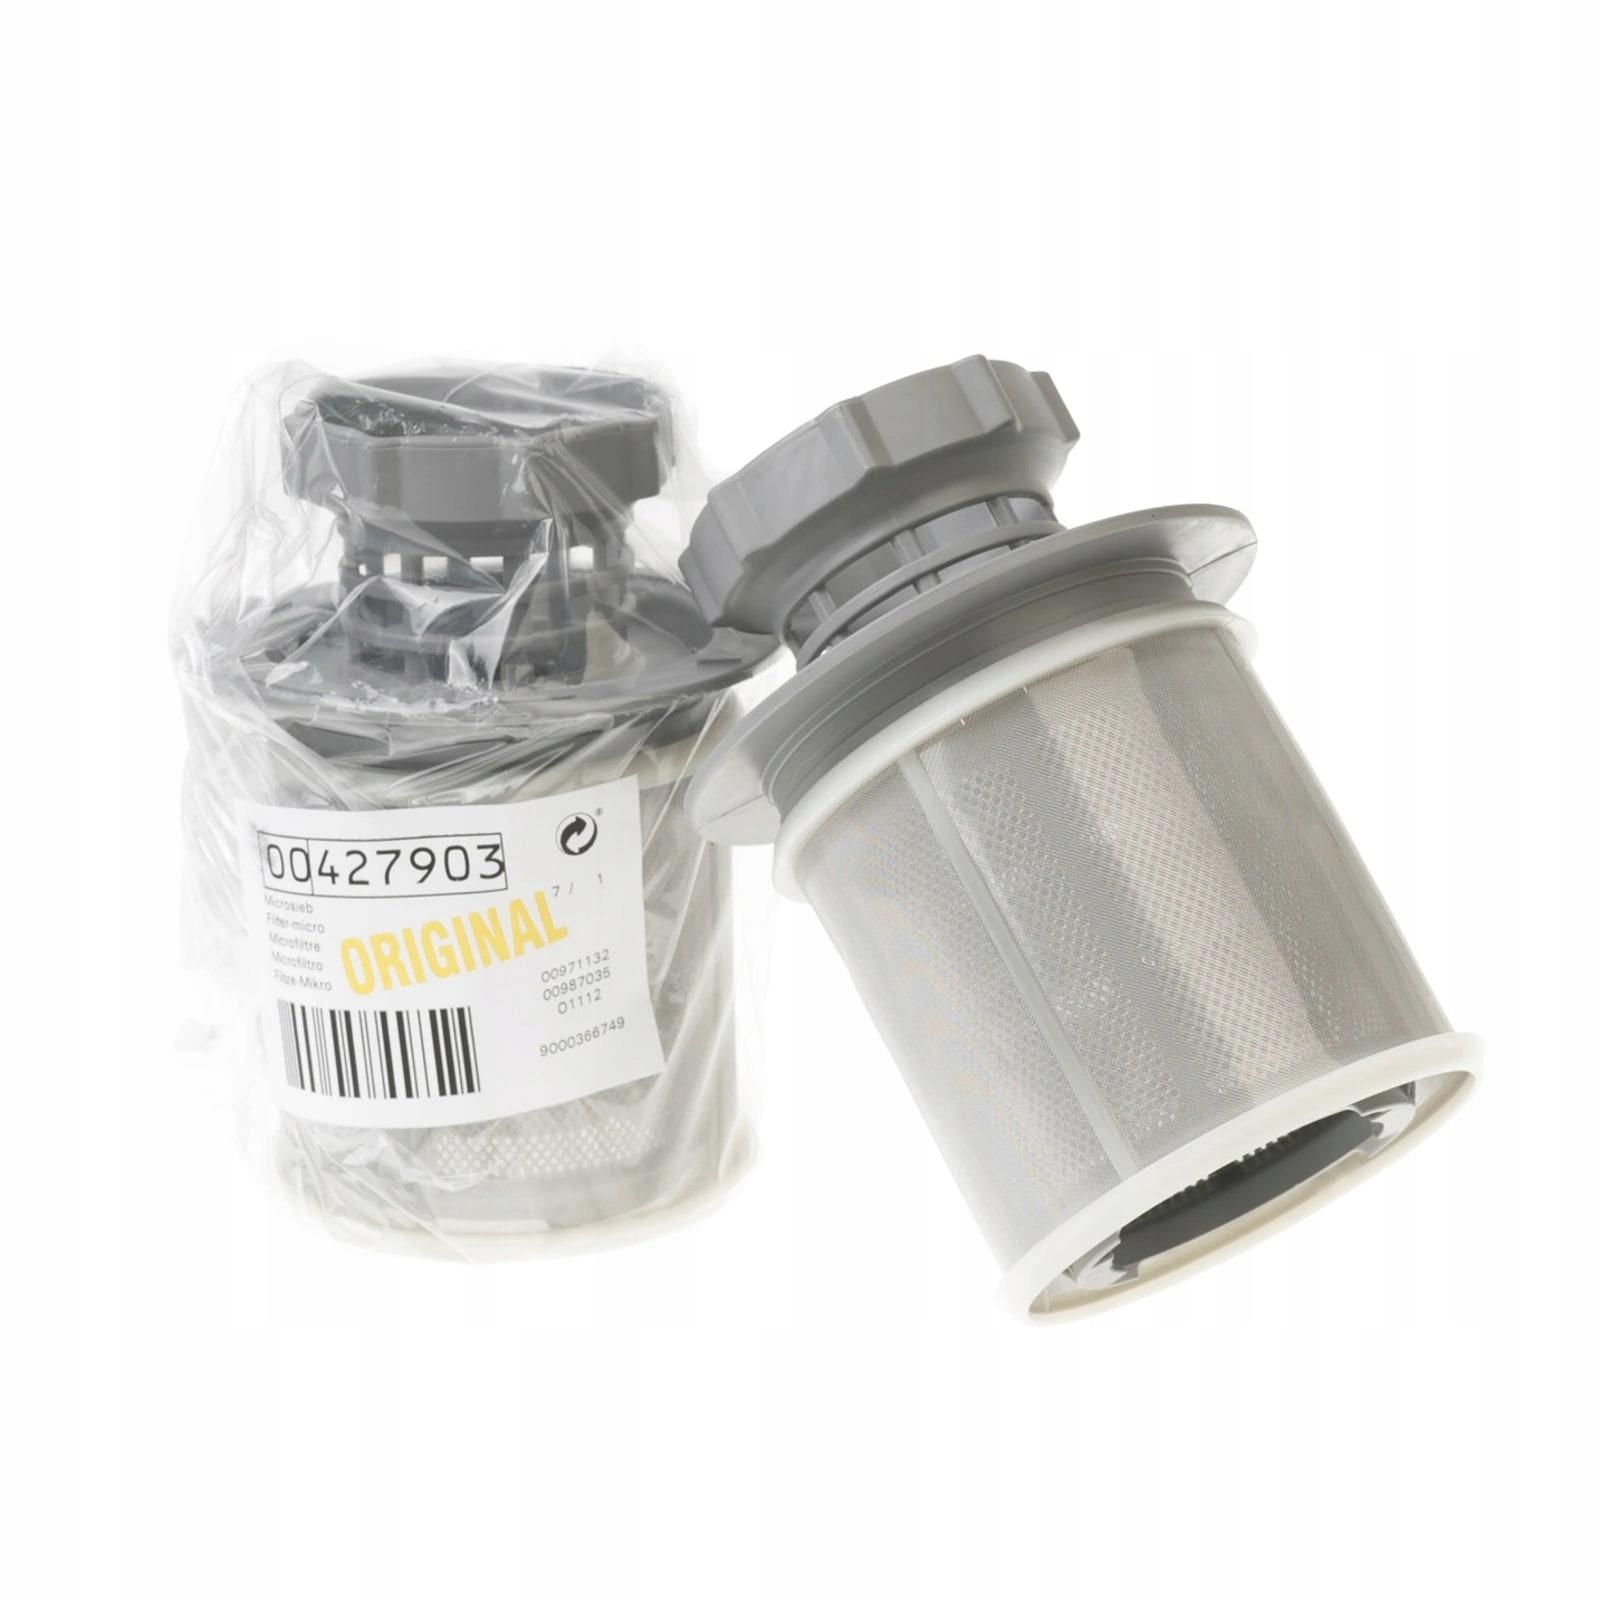 Фильтр для посудомоечной машины + сетчатый фильтр Siemens Bosch original